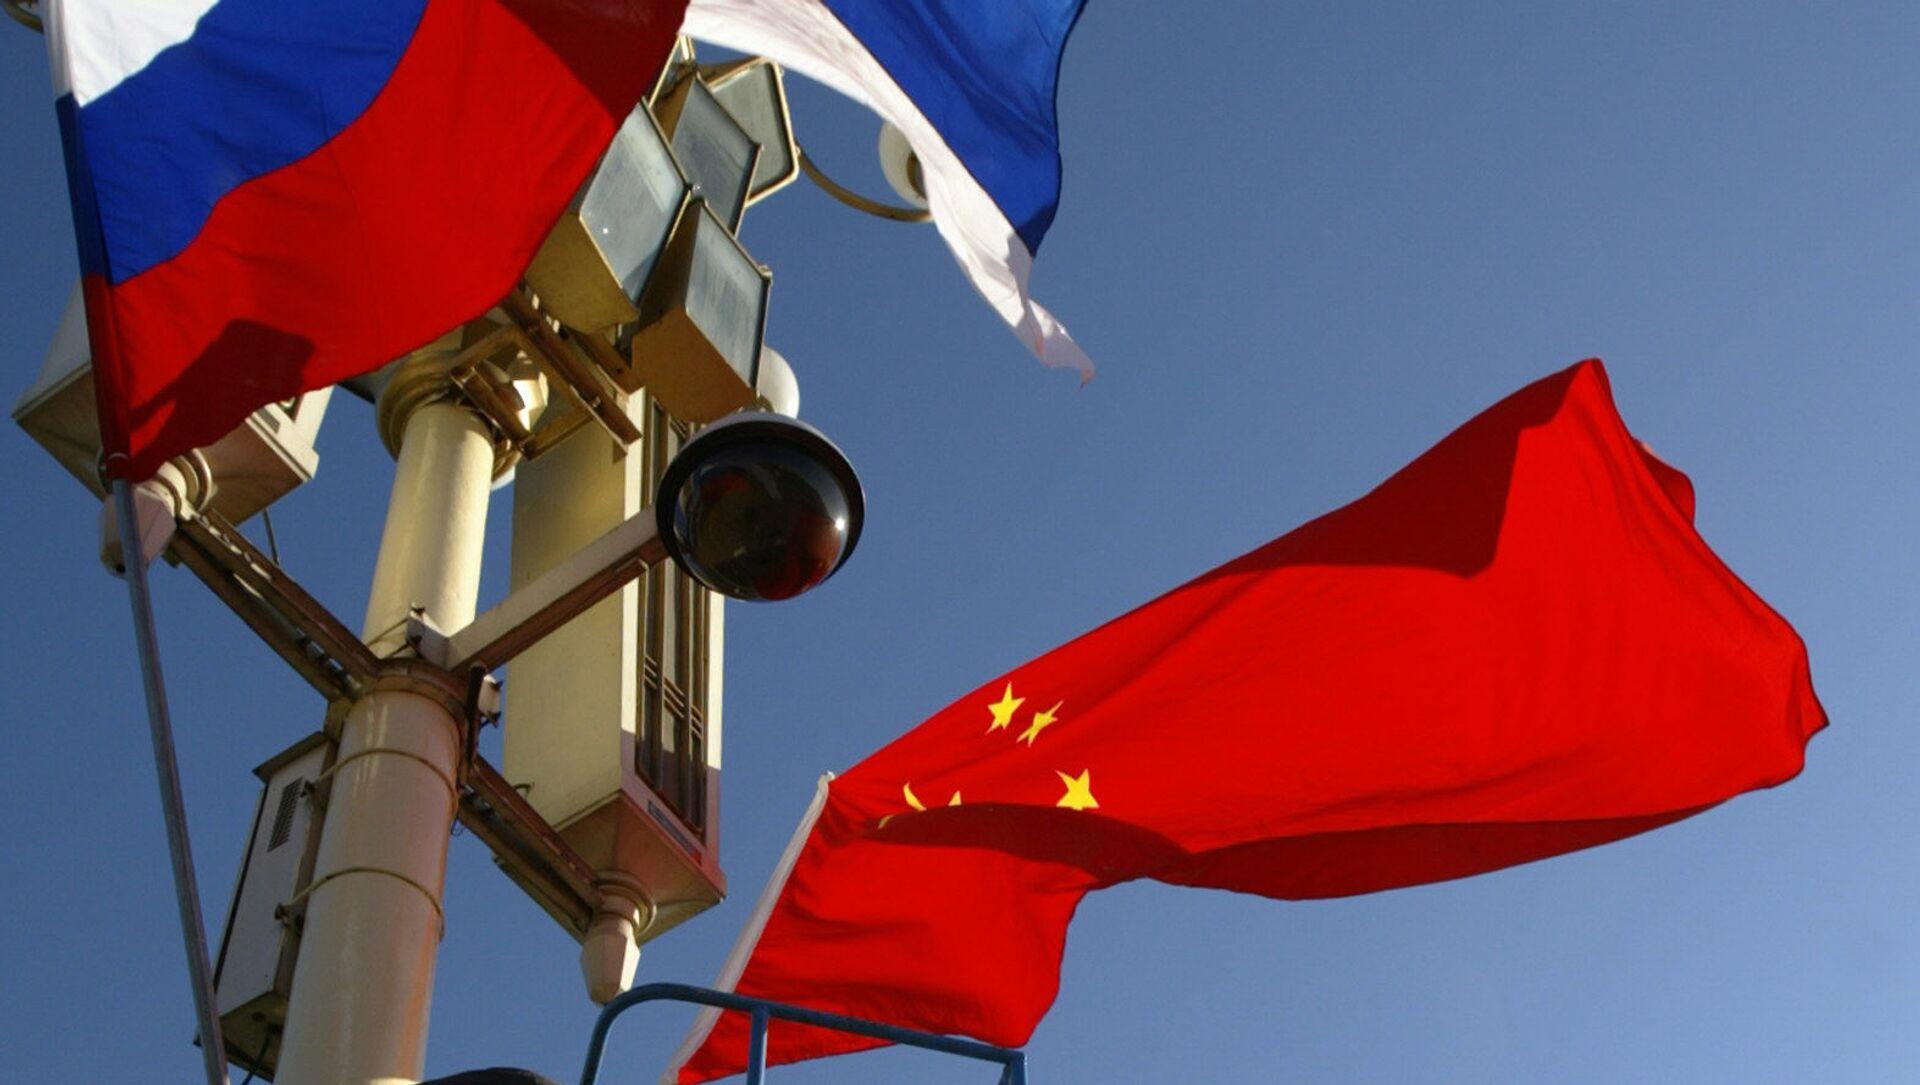 Vlajky Ruska a Číny - Sputnik Česká republika, 1920, 23.03.2021